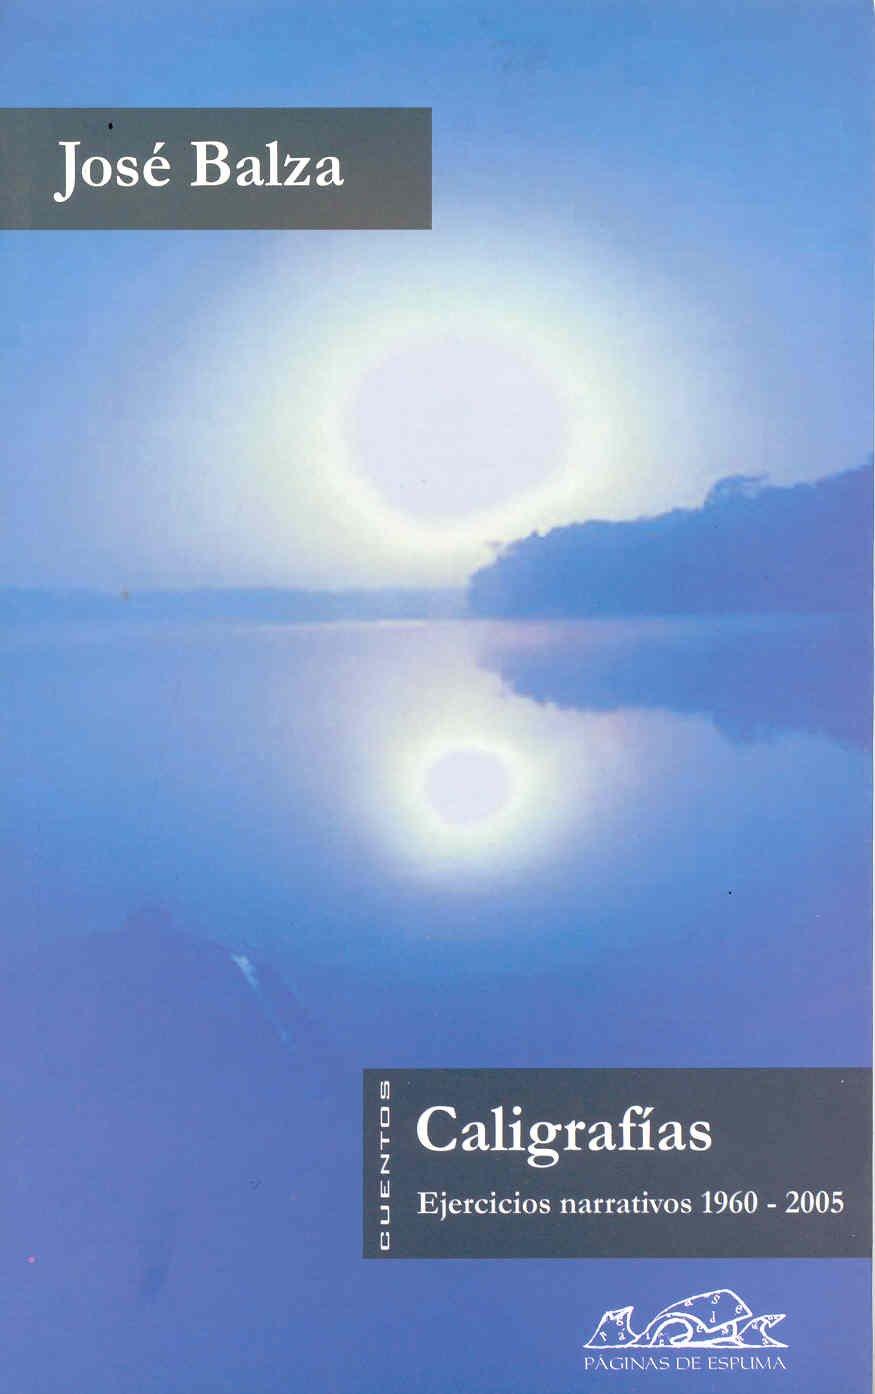 Caligrafías: Ejercicios narrativos 1960-2005 (Voces/ Literatura) Tapa blanda – 1 sep 2004 José Balza Páginas de Espuma 8495642476 Letters